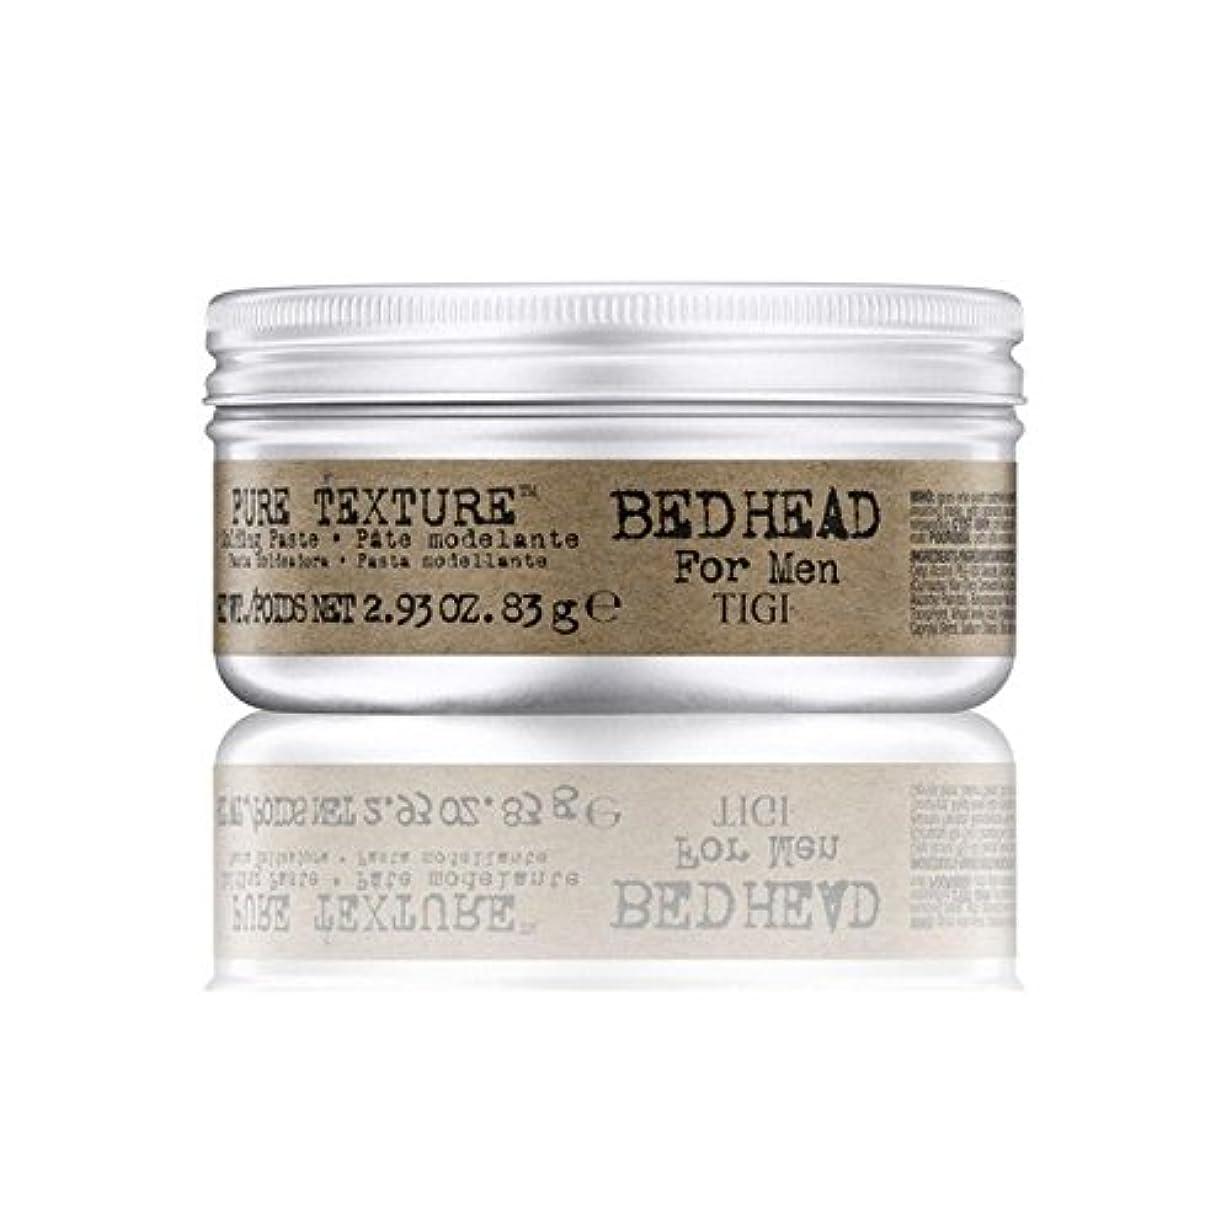 チョコレート解釈活力Tigi Bed Head For Men Pure Texture Molding Paste (83G) (Pack of 6) - 男性の純粋なテクスチャーモールディングペースト(83グラム)のためのティジーベッドヘッド...